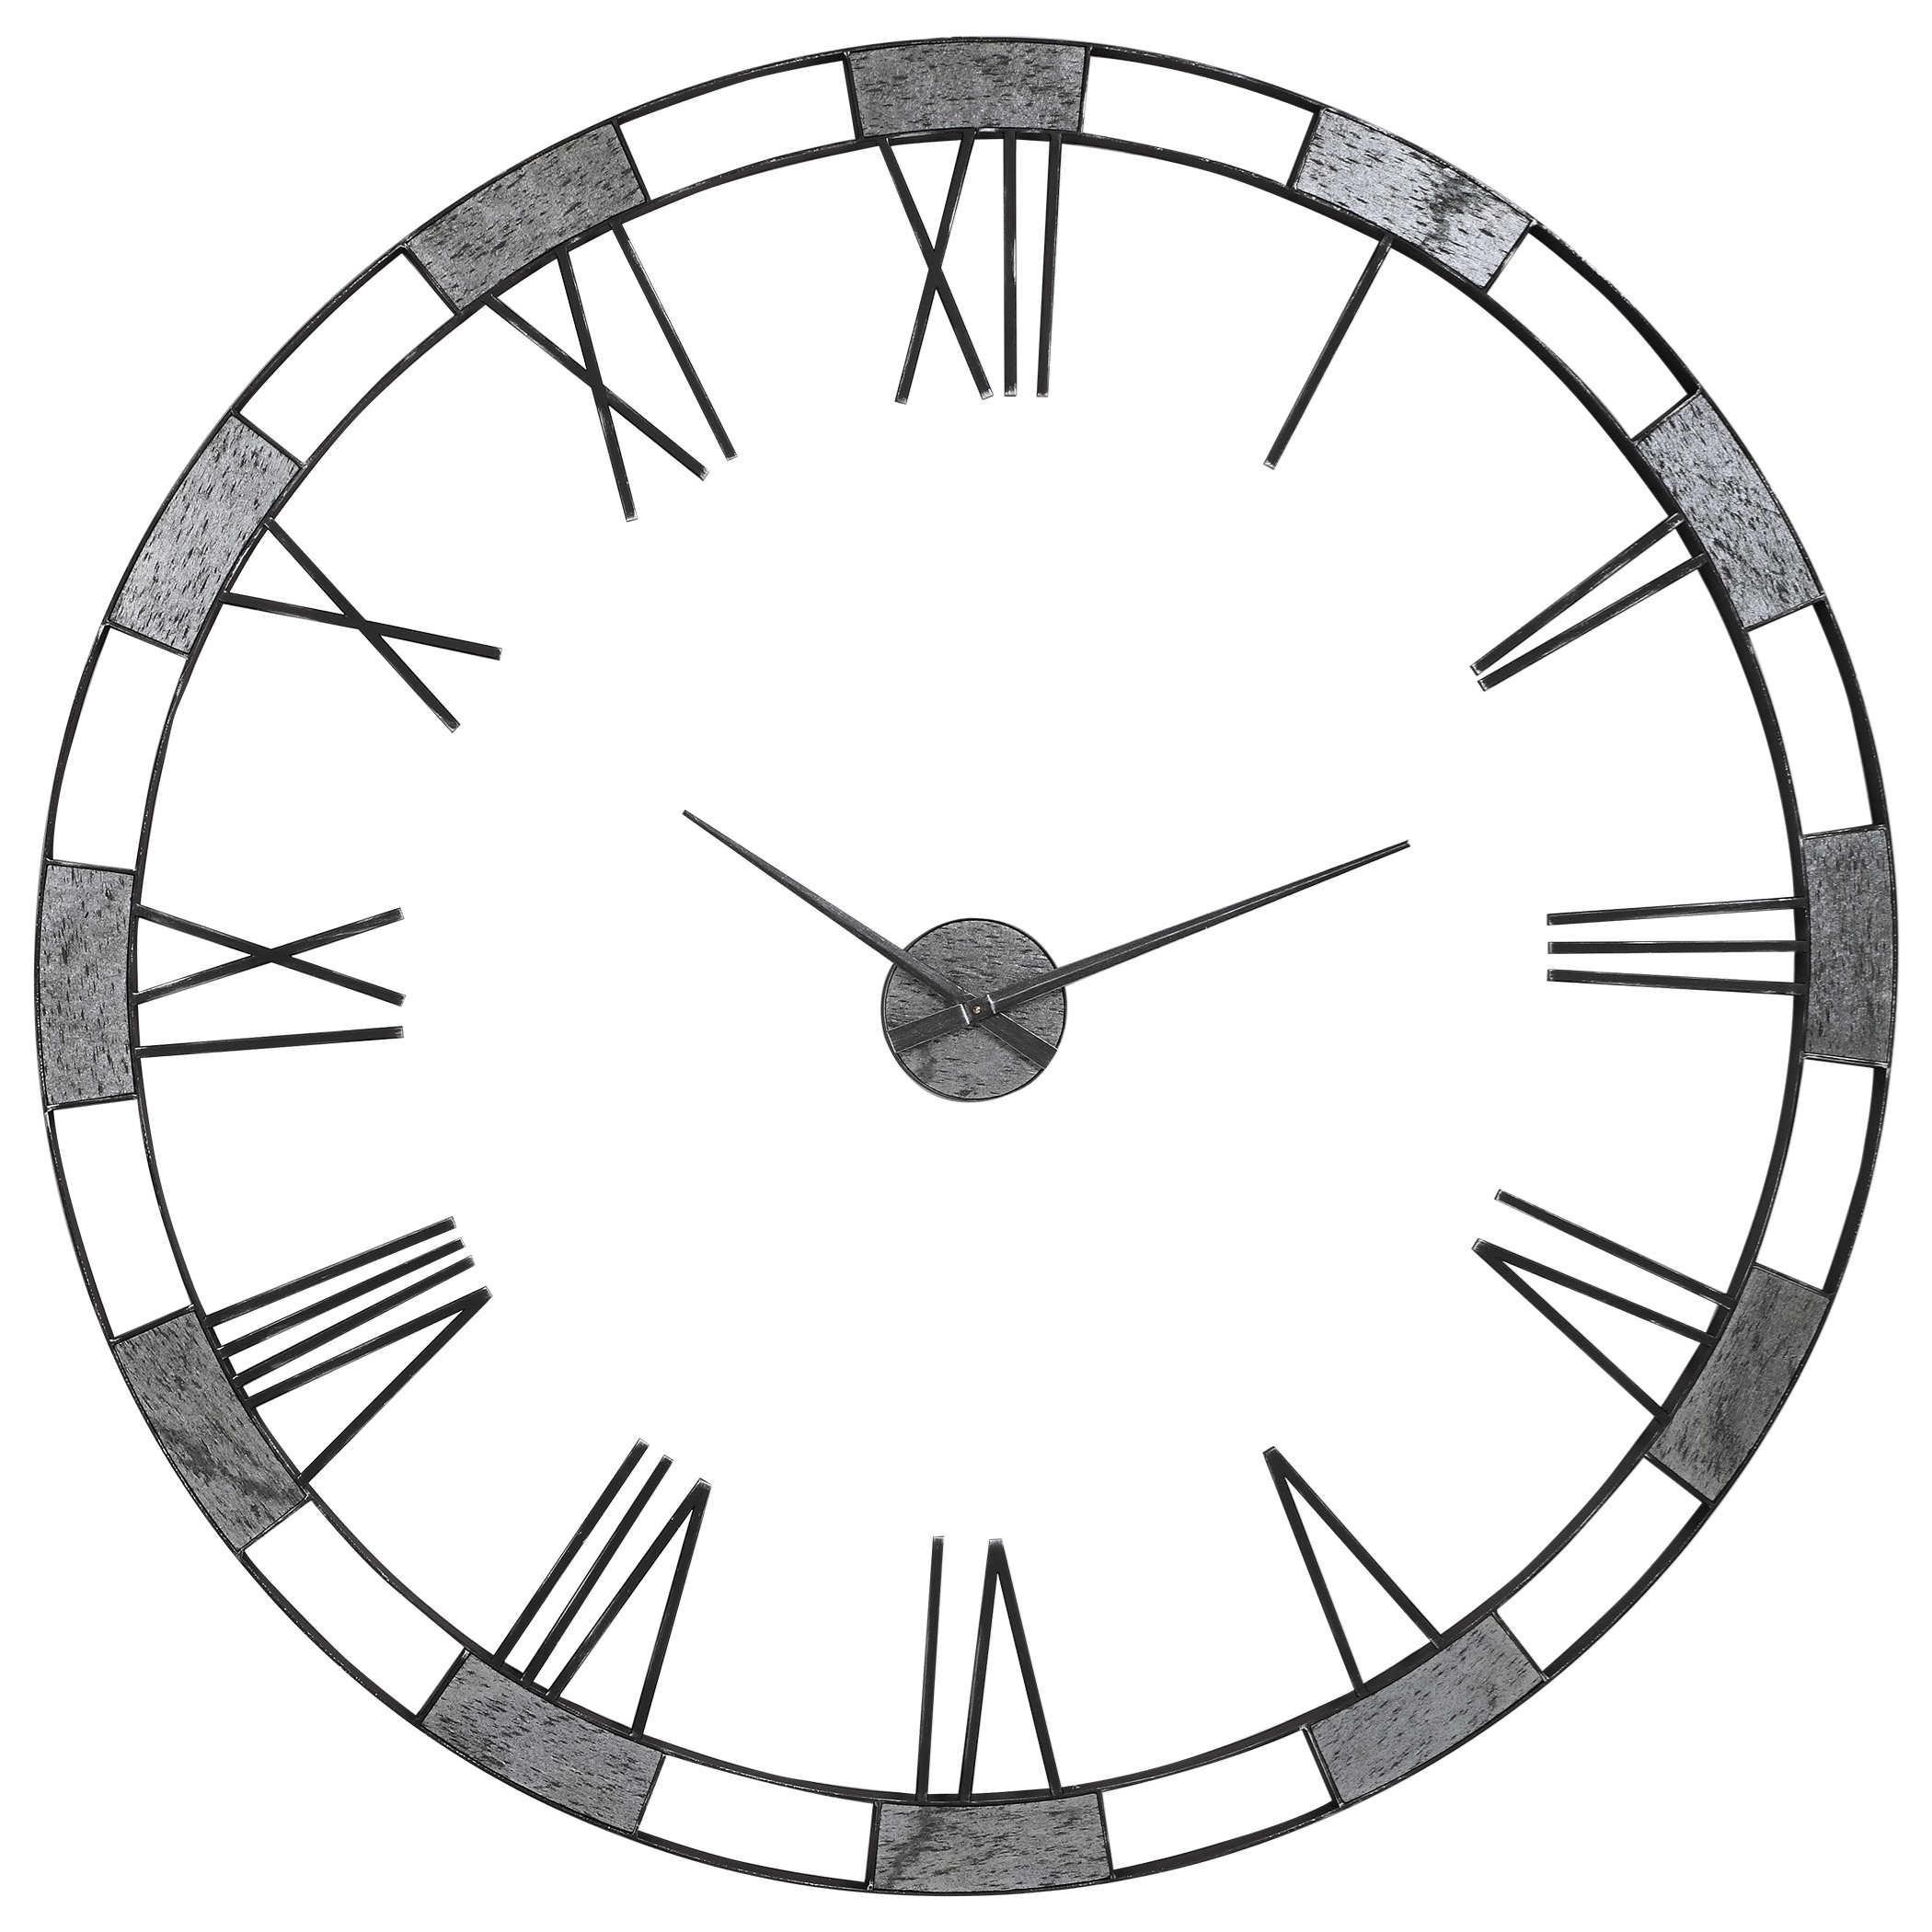 Uttermost Clocks 06460 Alistair Modern Wall Clock Dunk Bright Furniture Wall Clocks